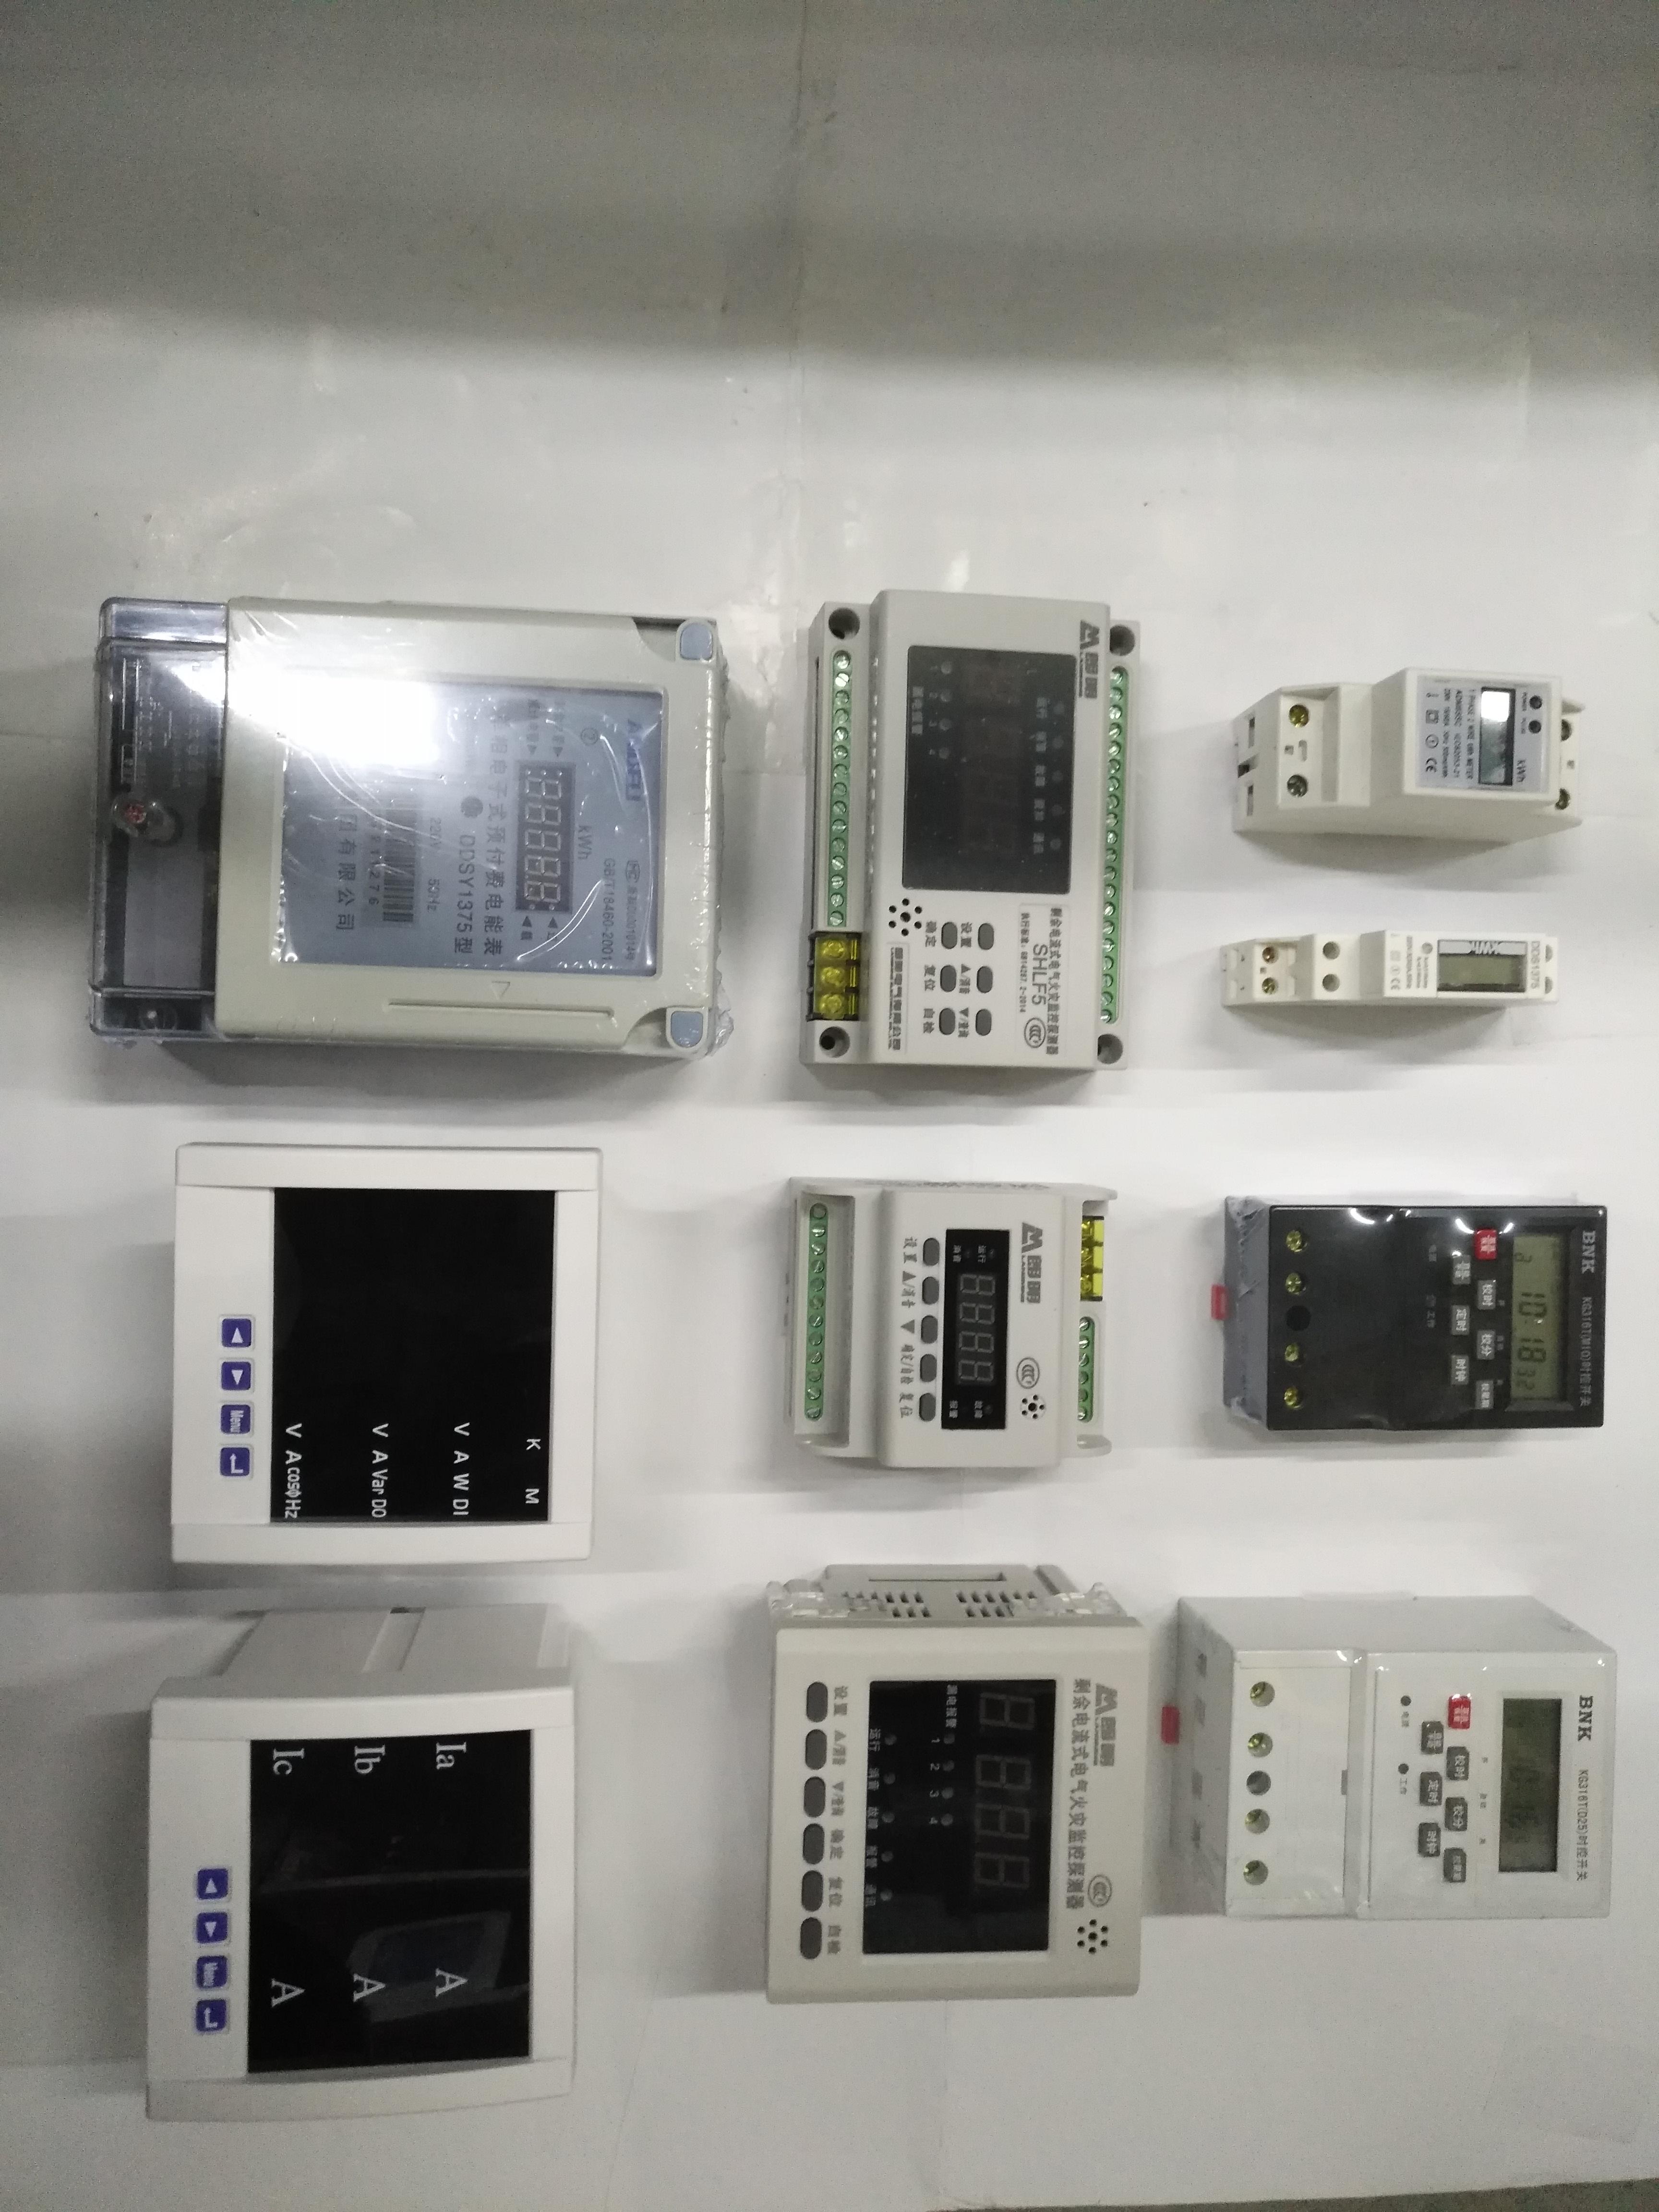 仪器仪表图片